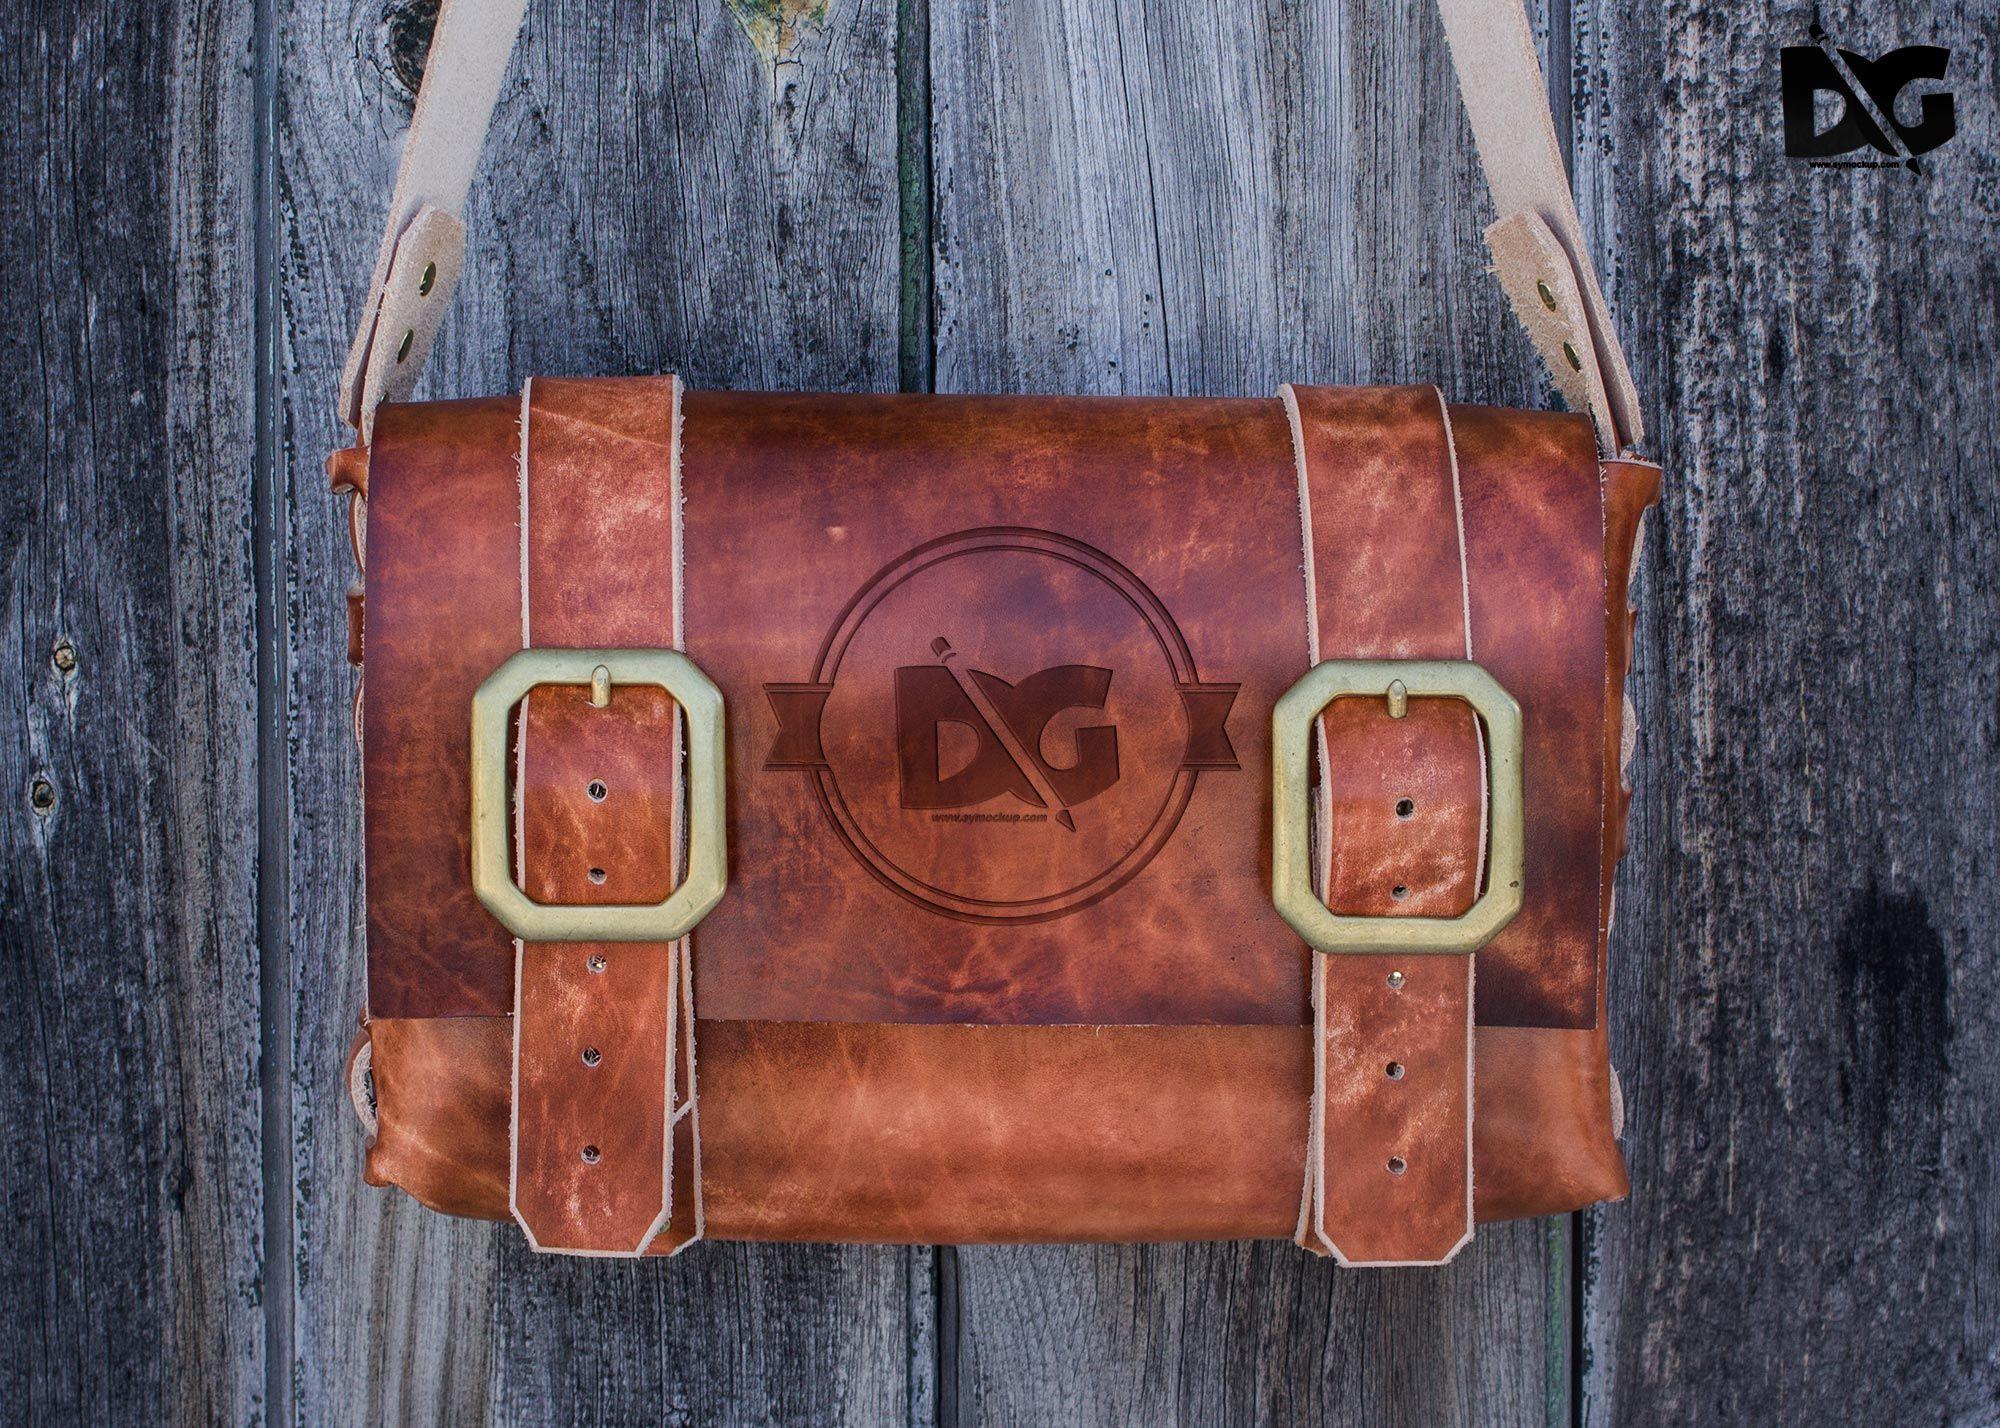 Download Vintage Leather Bag Logo Mockup Logo Mockup Free Logo Mockup Vintage Leather Bag